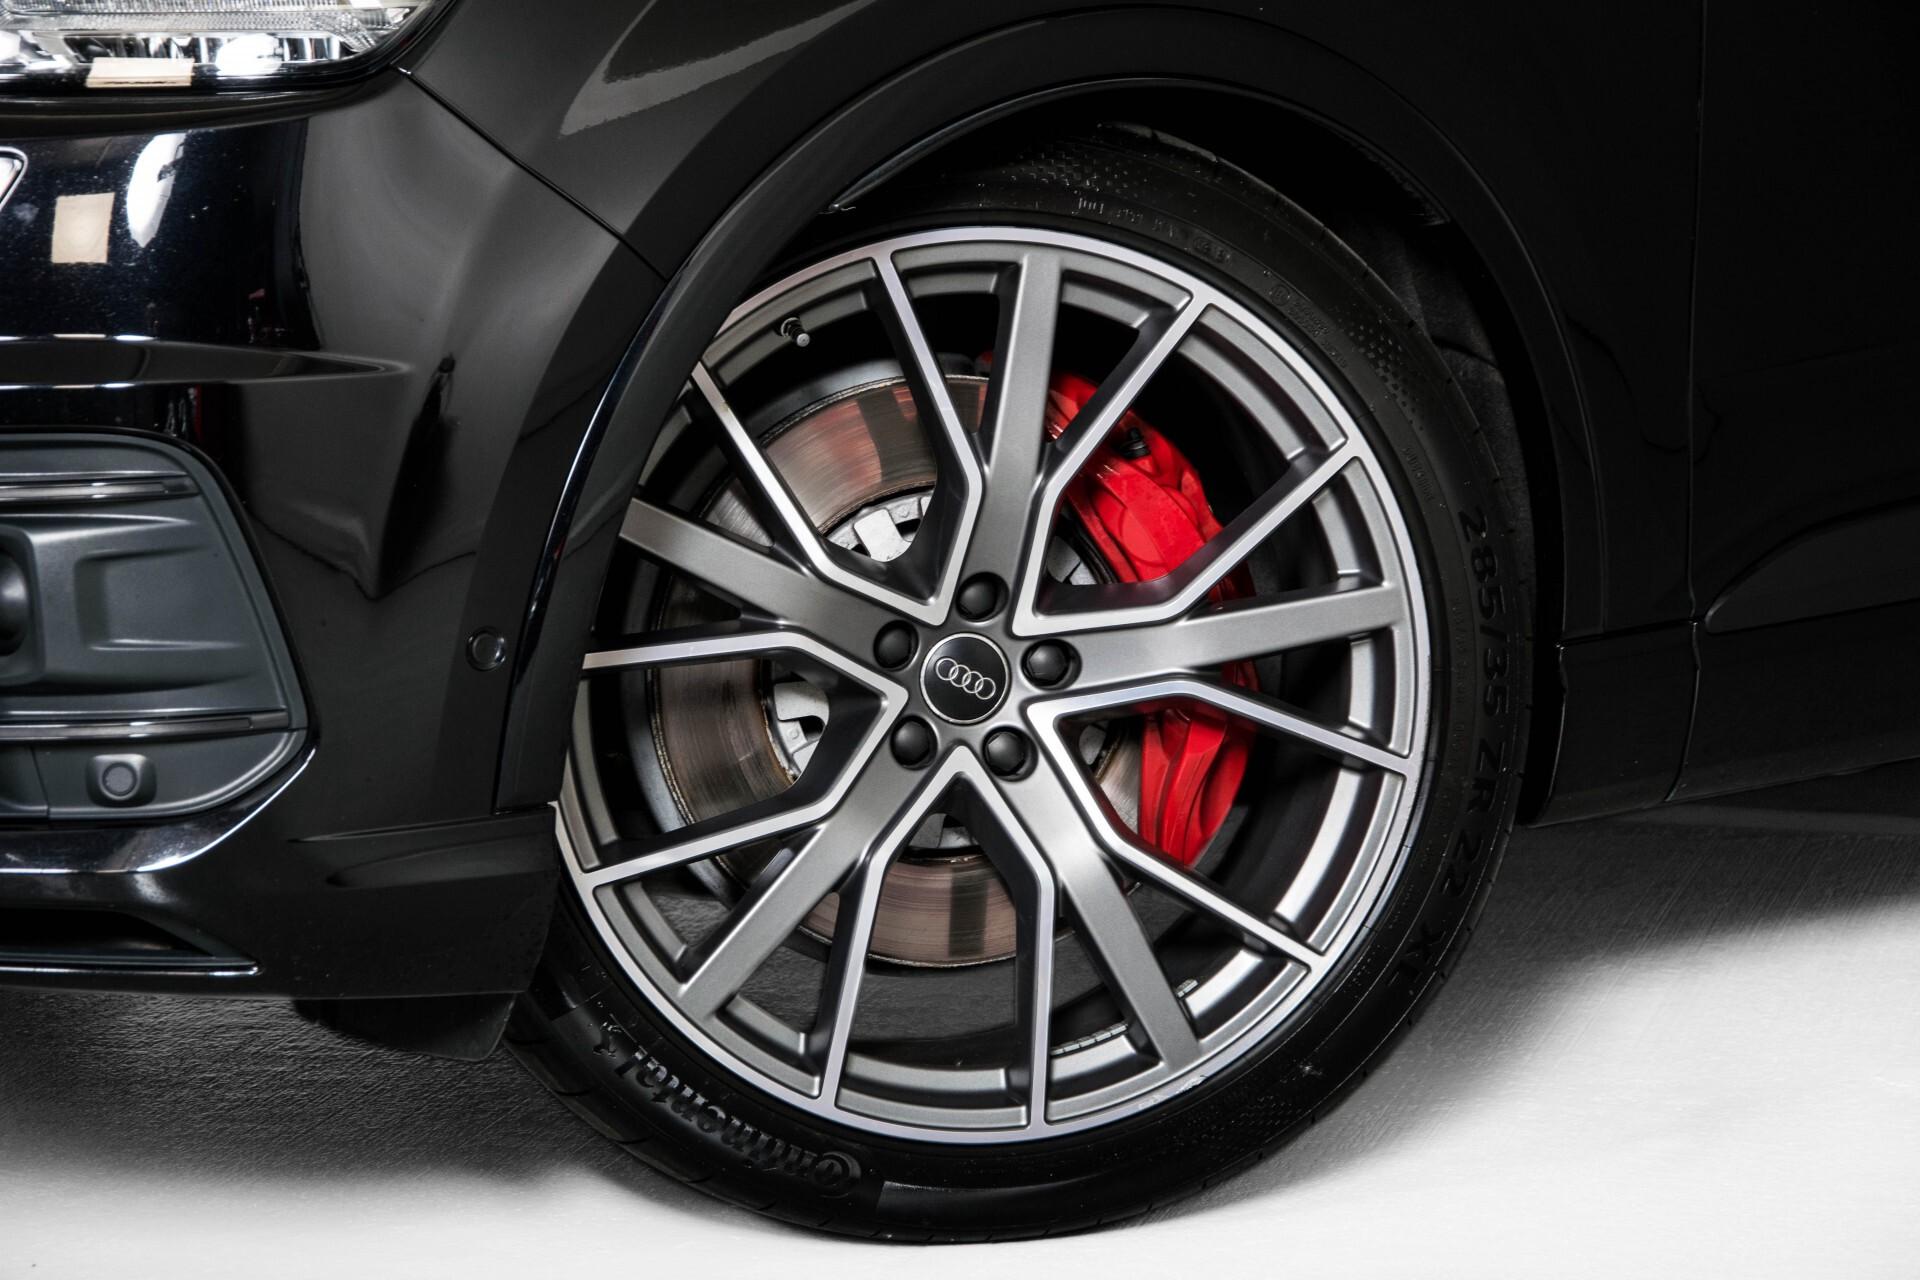 Audi SQ7 4.0 TDI 435pk Quattro Full Options Grijs Kenteken Aut8 Foto 78